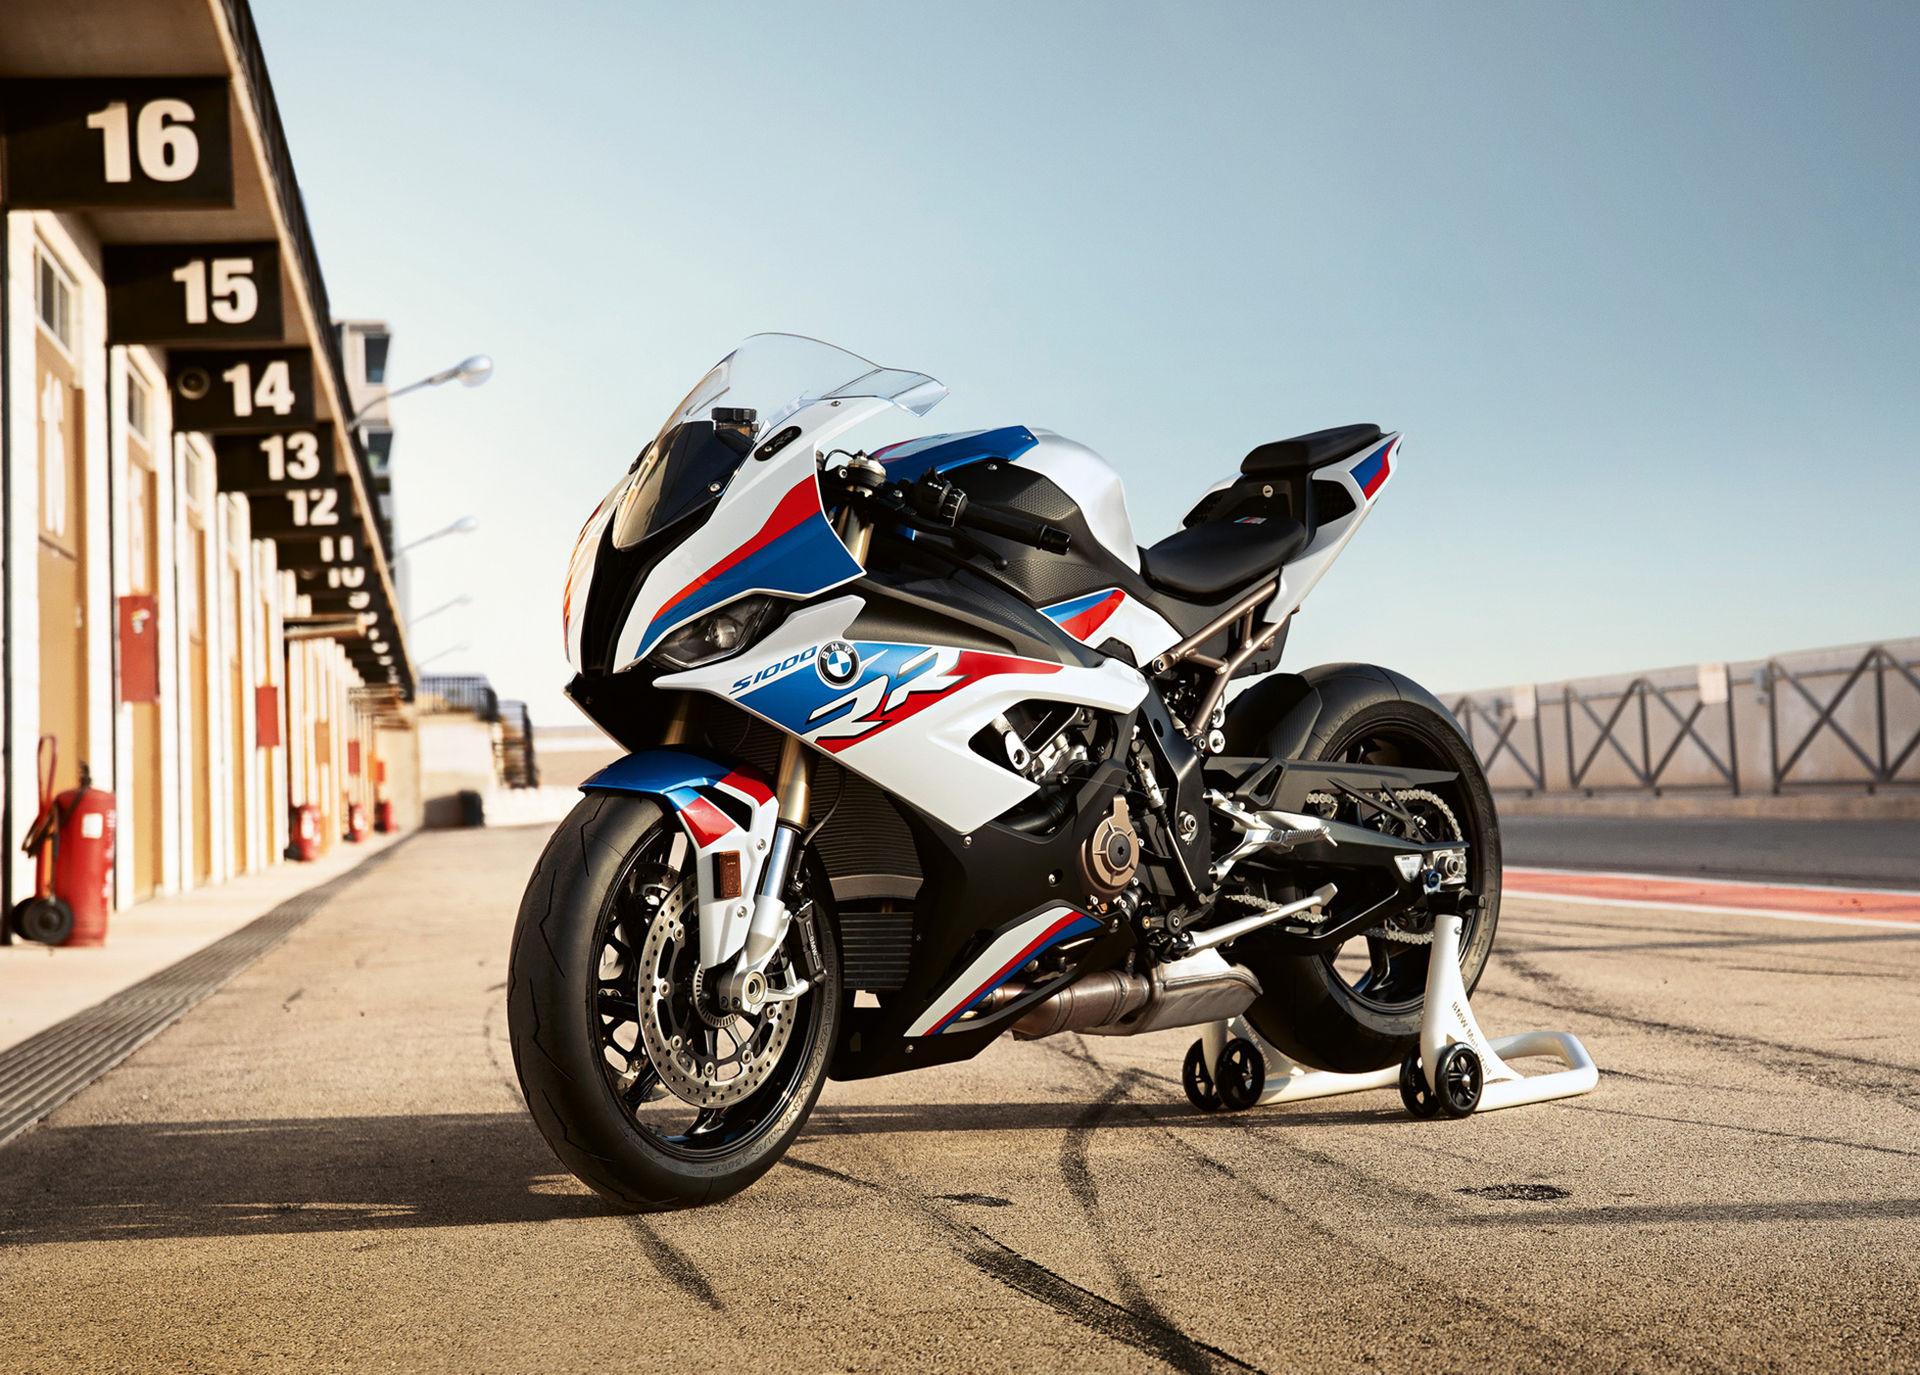 BMW:s M-beteckning kan komma till motorcyklar